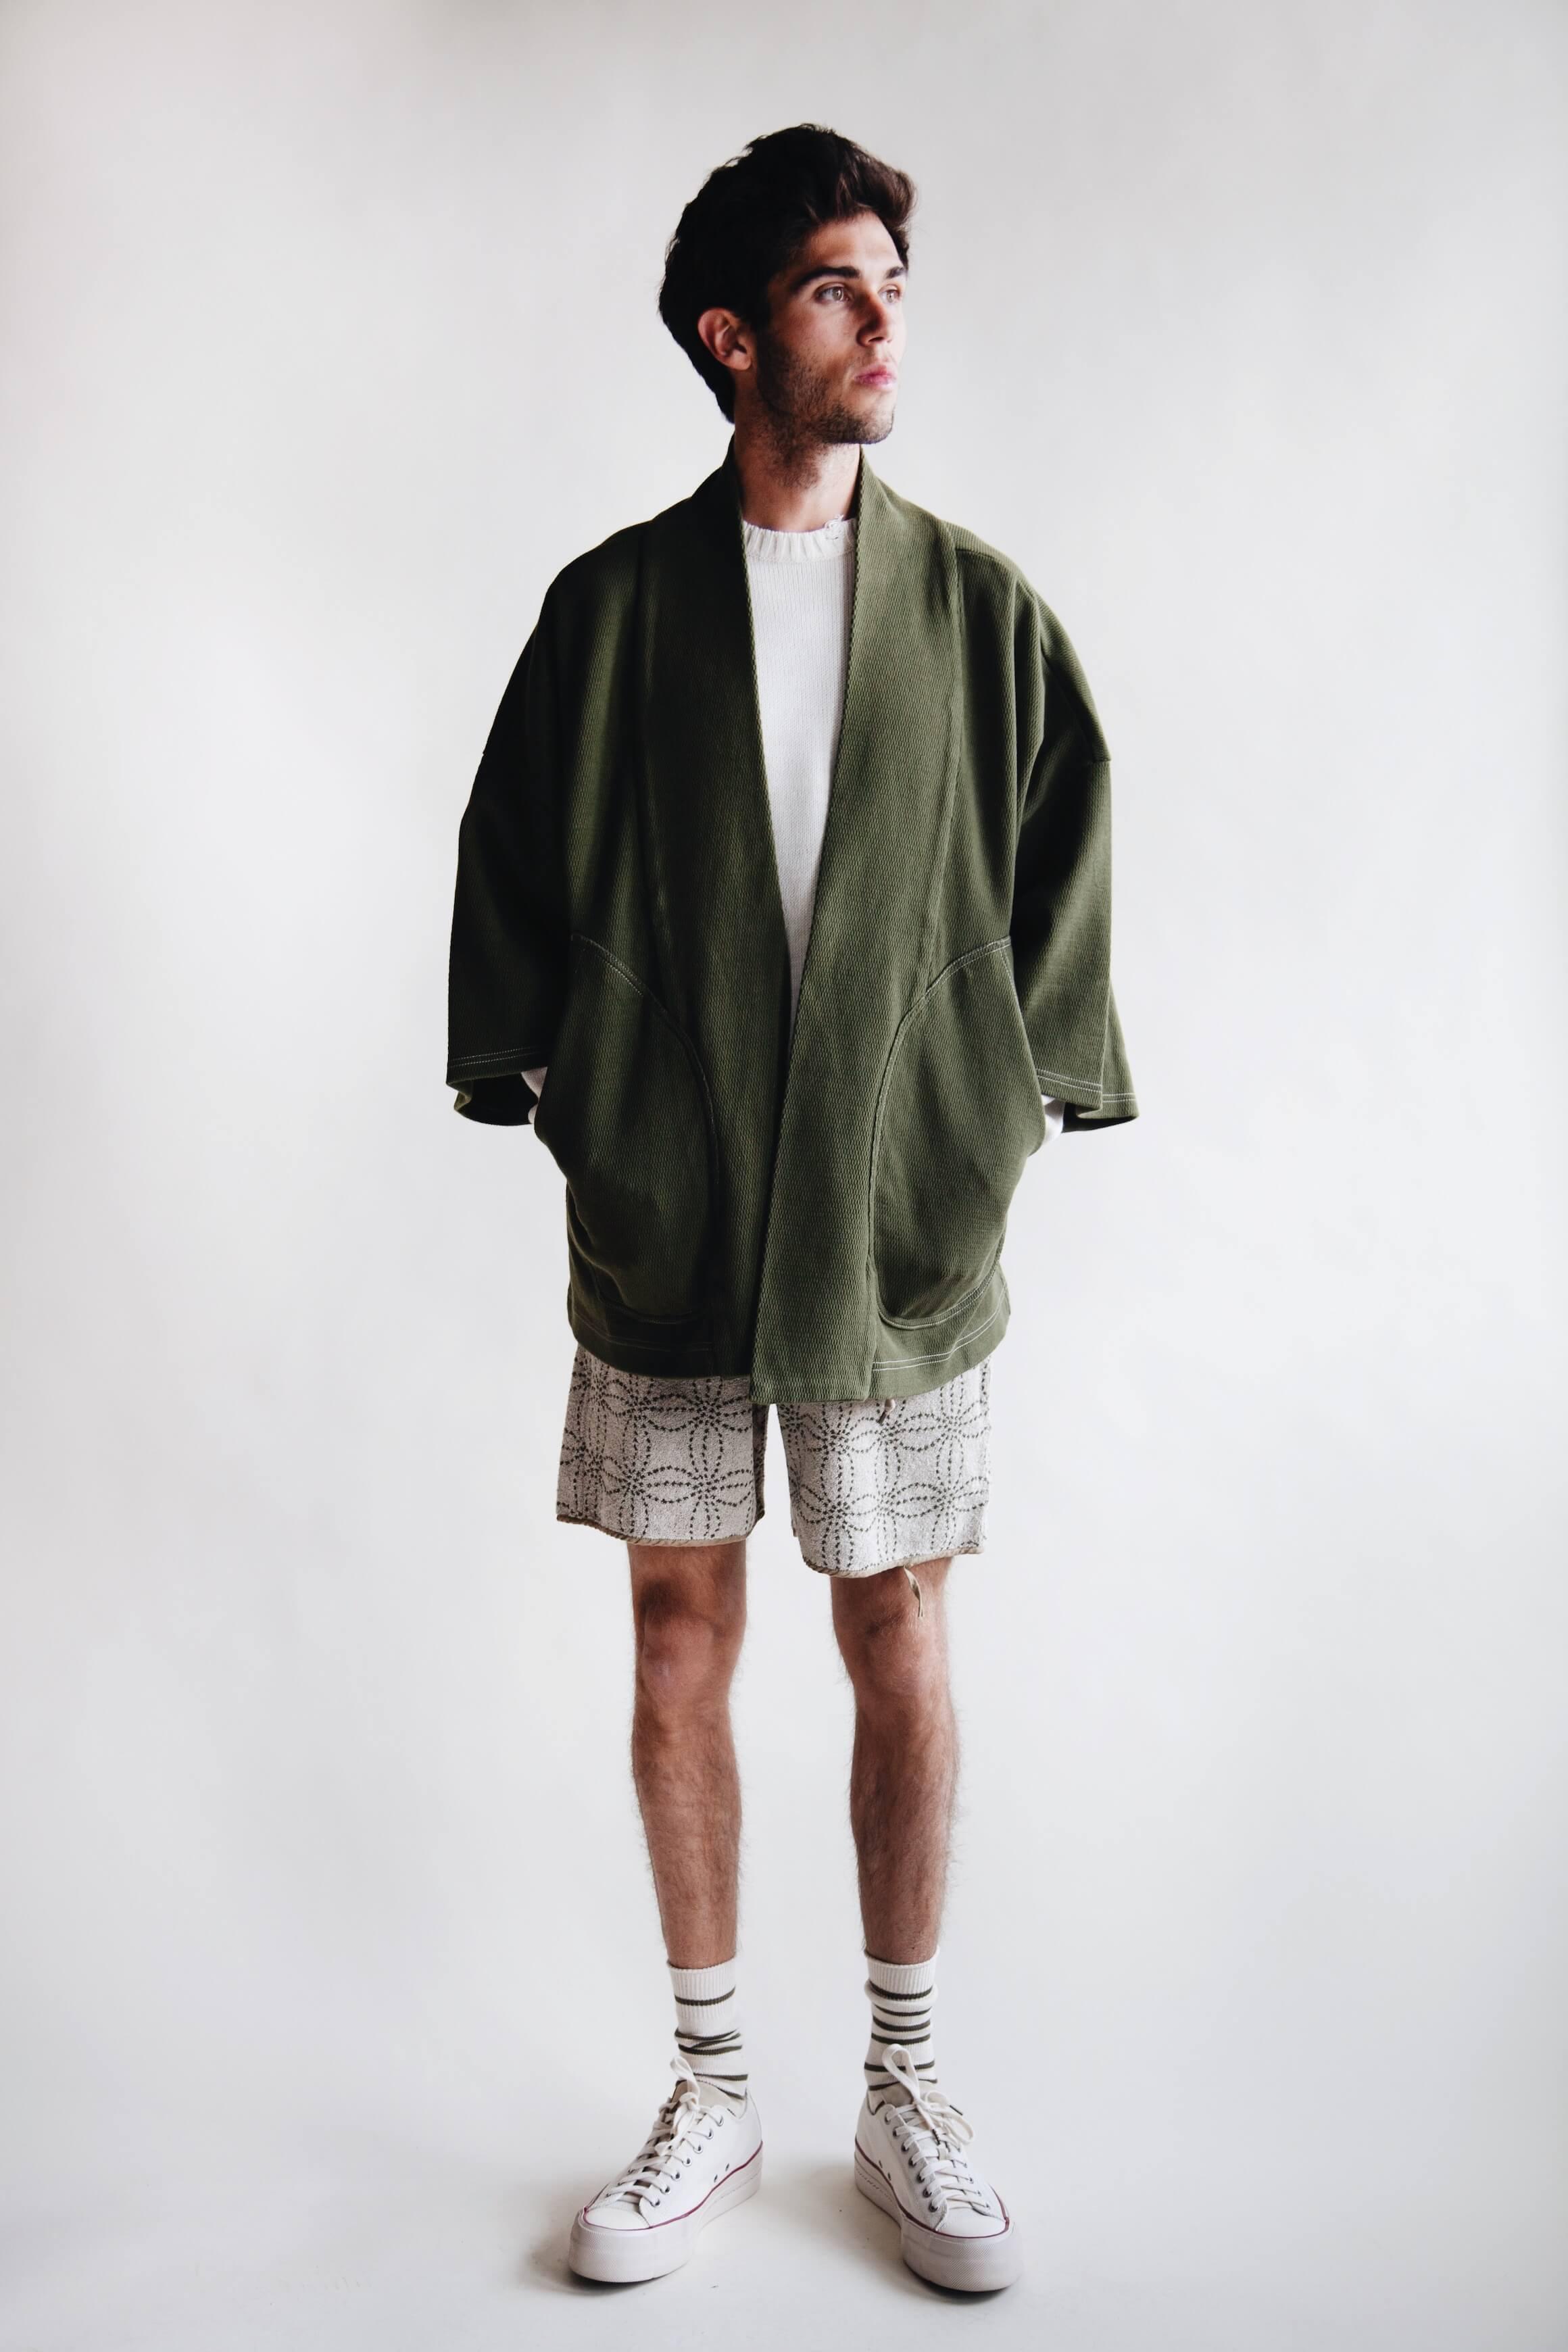 kapital clothing japan heavy waffle baja sumu cardigan, 5g cotton knit smilie patch crew sweater, irago pile sashiko shorts and visvim skagway shoes on body